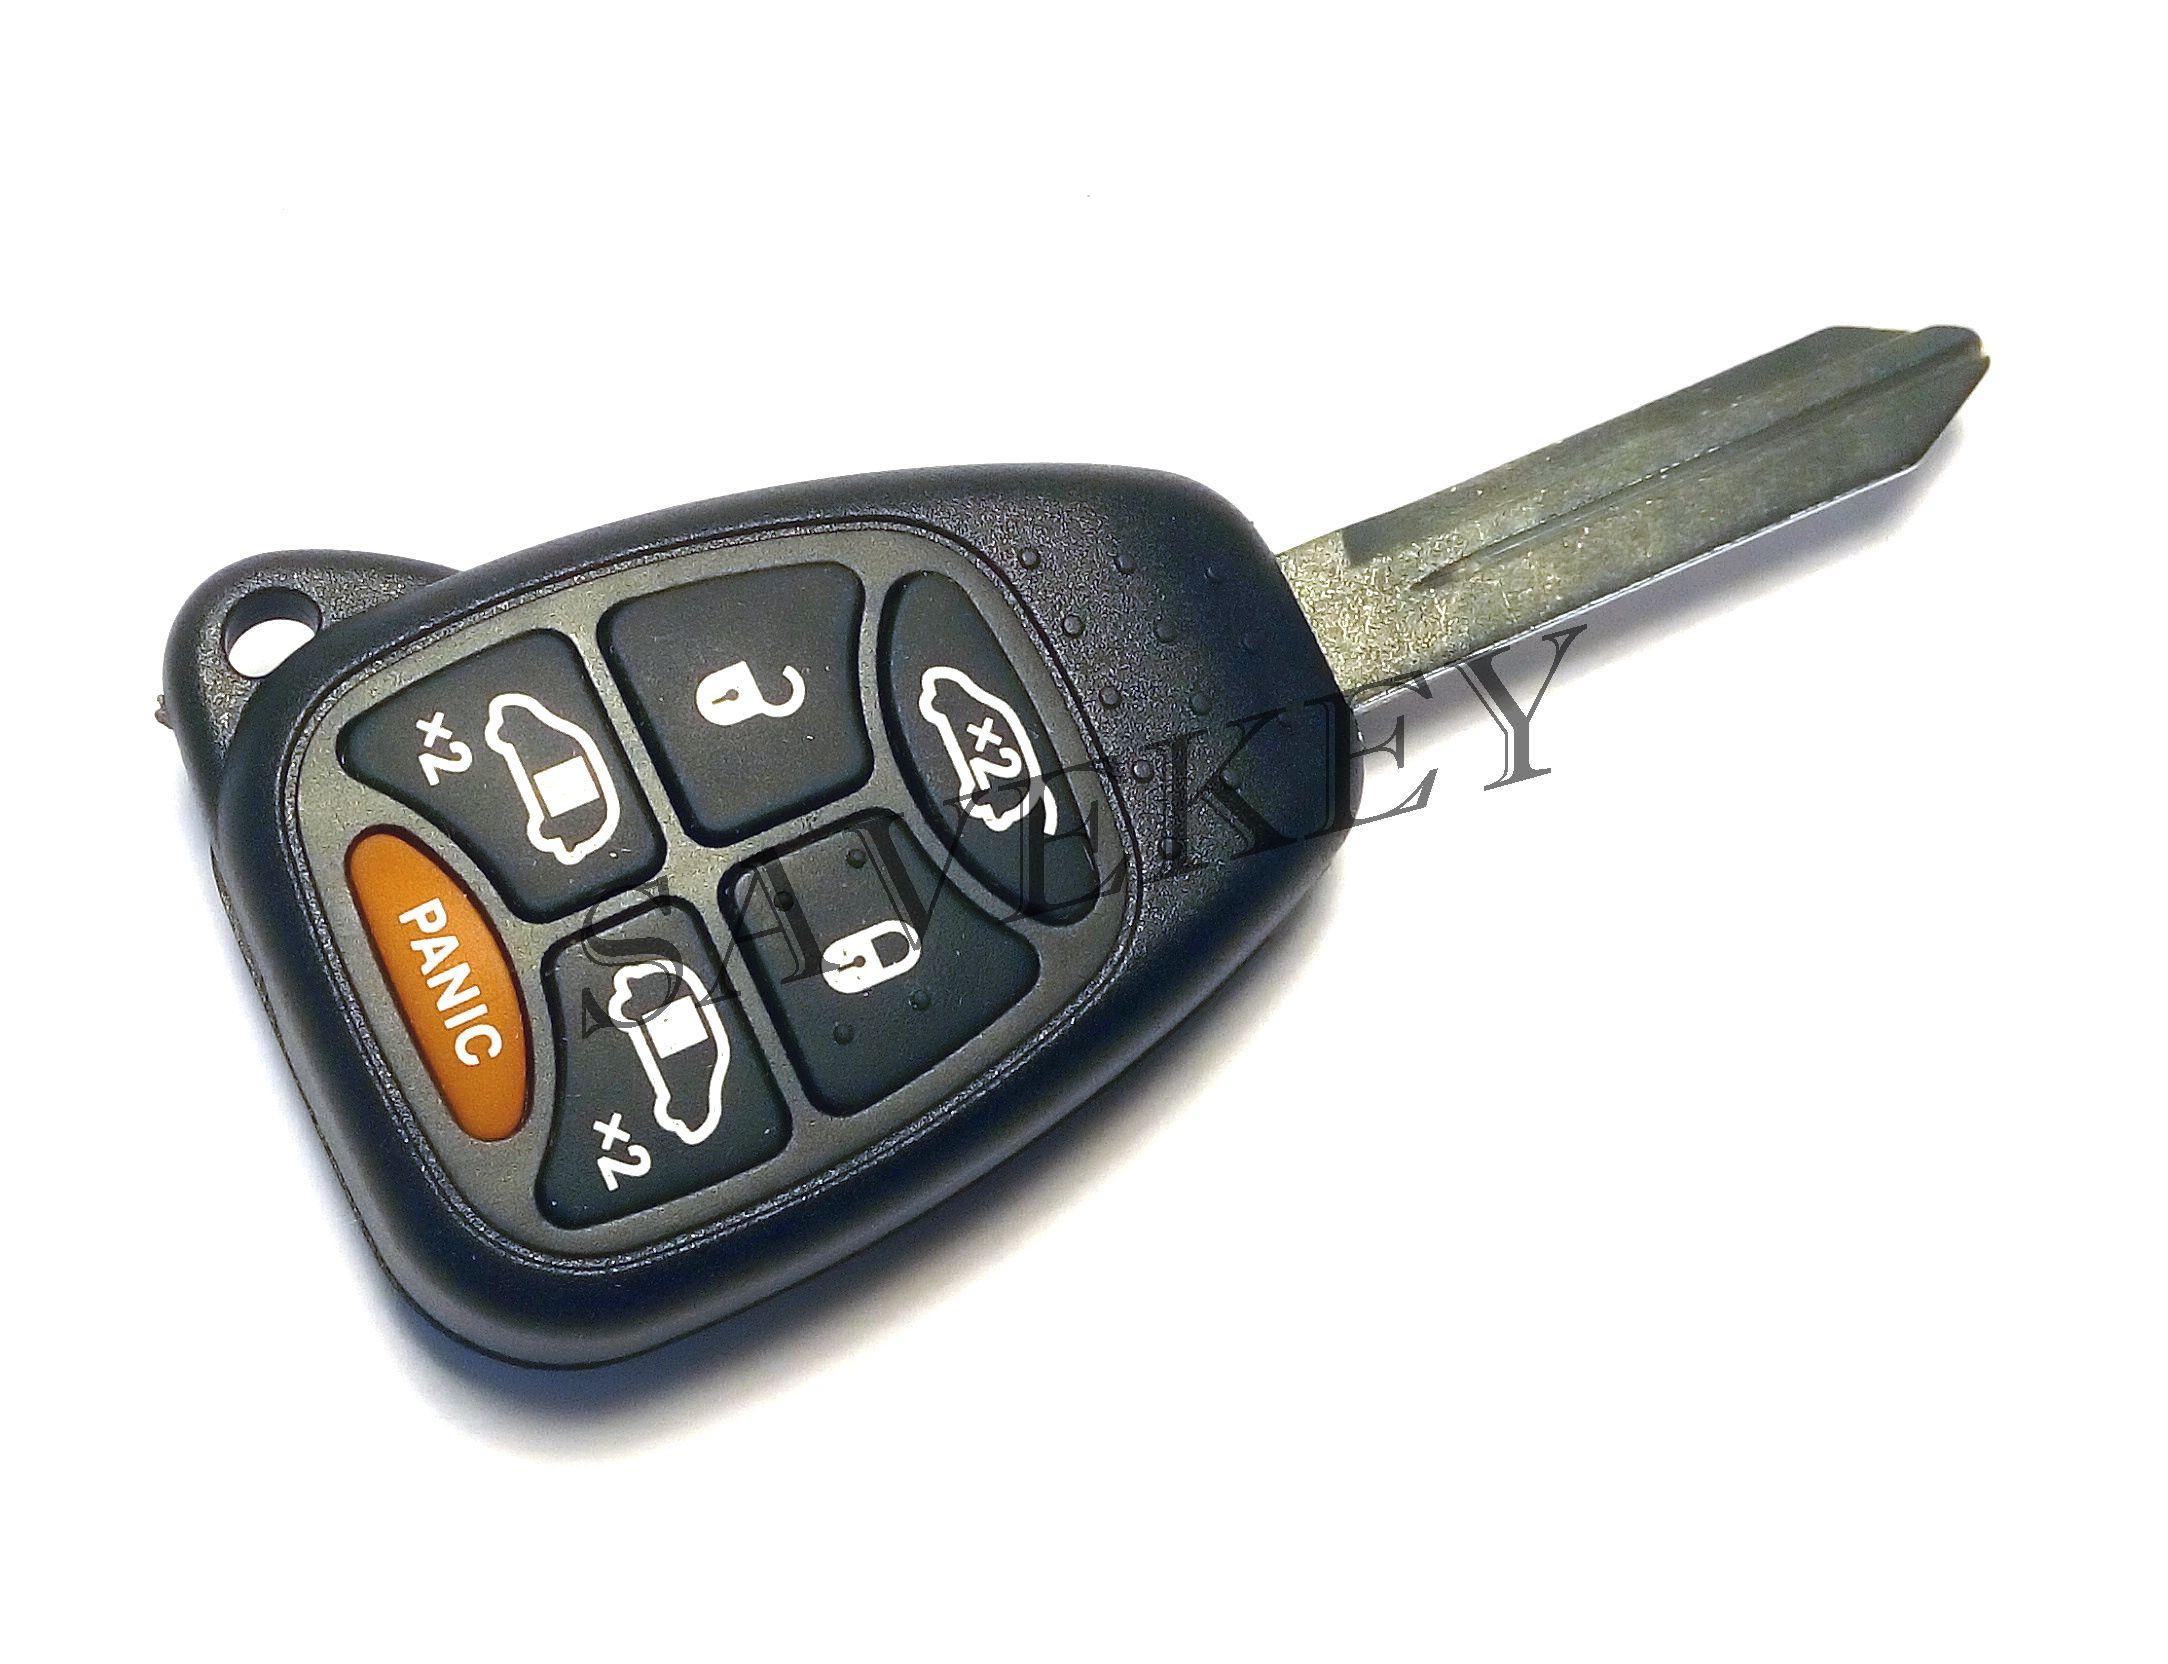 Дистанционный ключ Dodge для моделей Caliber, Caravan, Durango, Journeo, Neon, Ram, Stratus 6 кнопок 315 Mhz